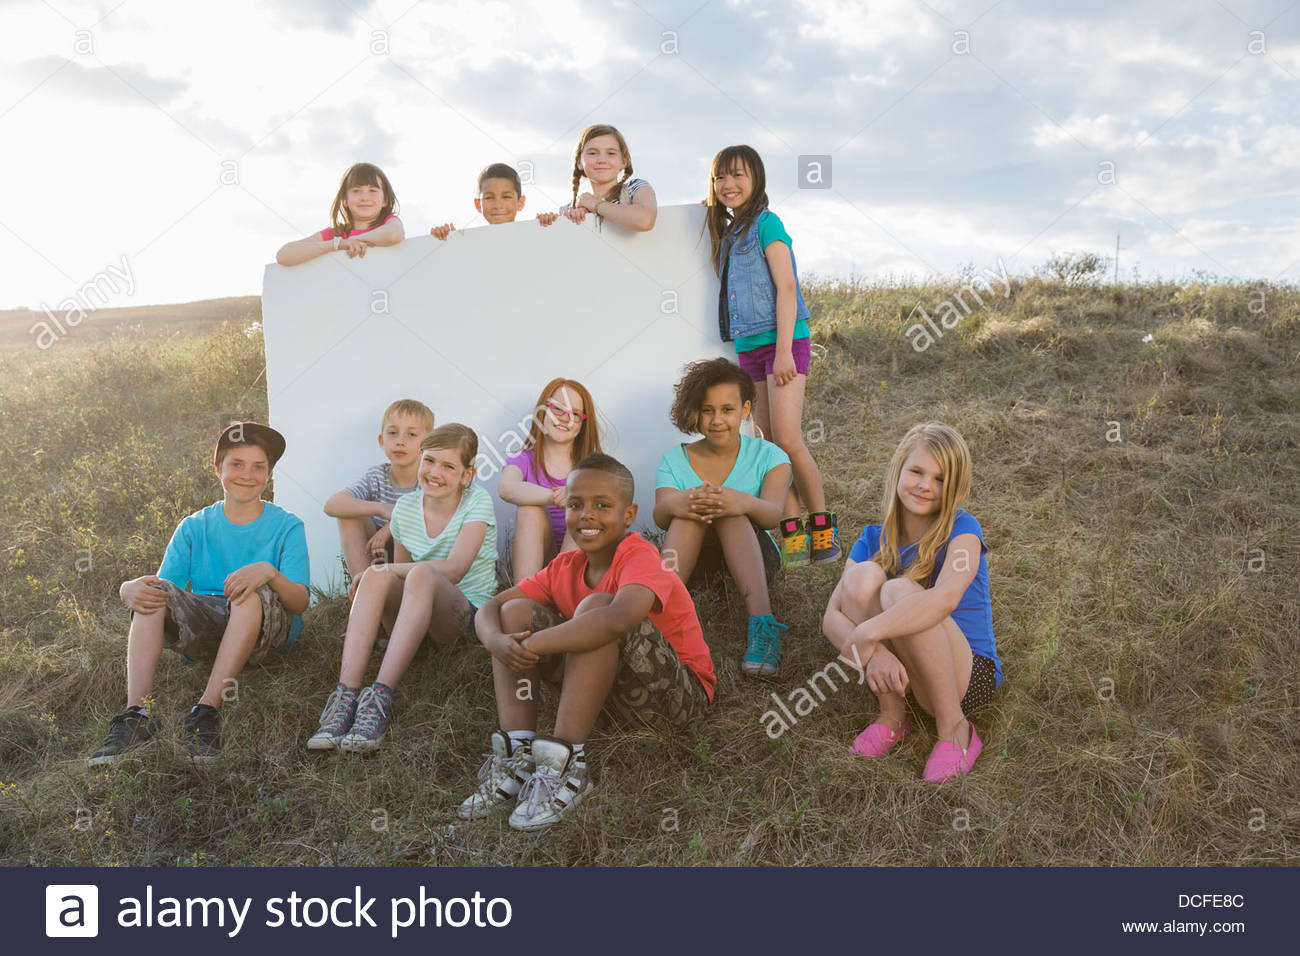 Ritratto di scolari con vuoto affissioni su pendio Immagini Stock